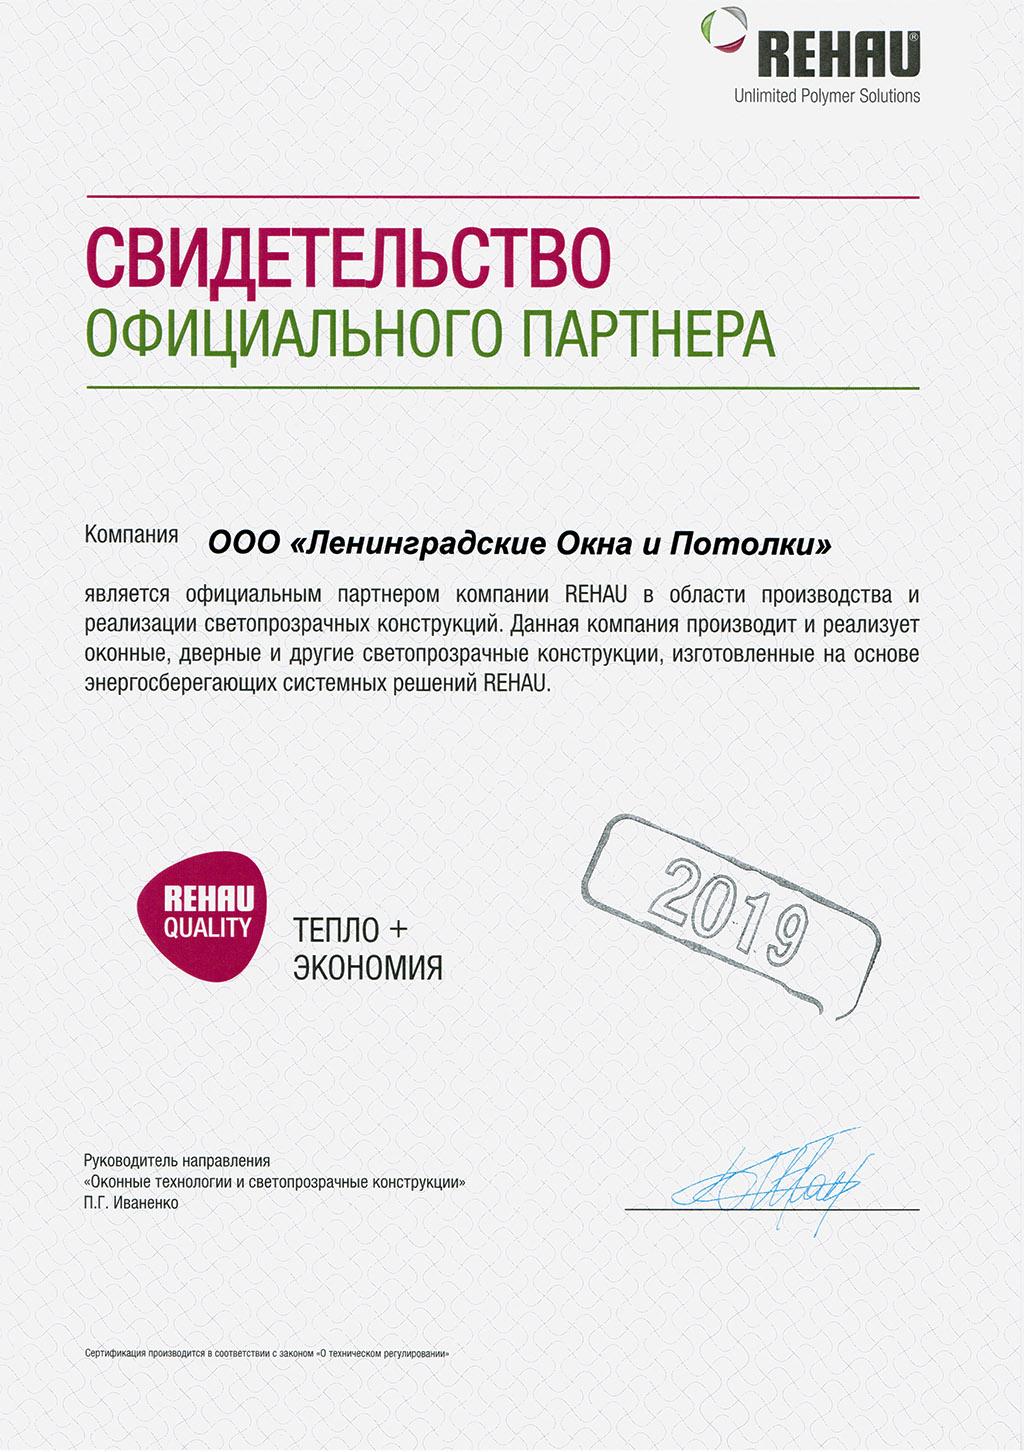 Сертификат Rehau - Ленинградские Окна и Потолки